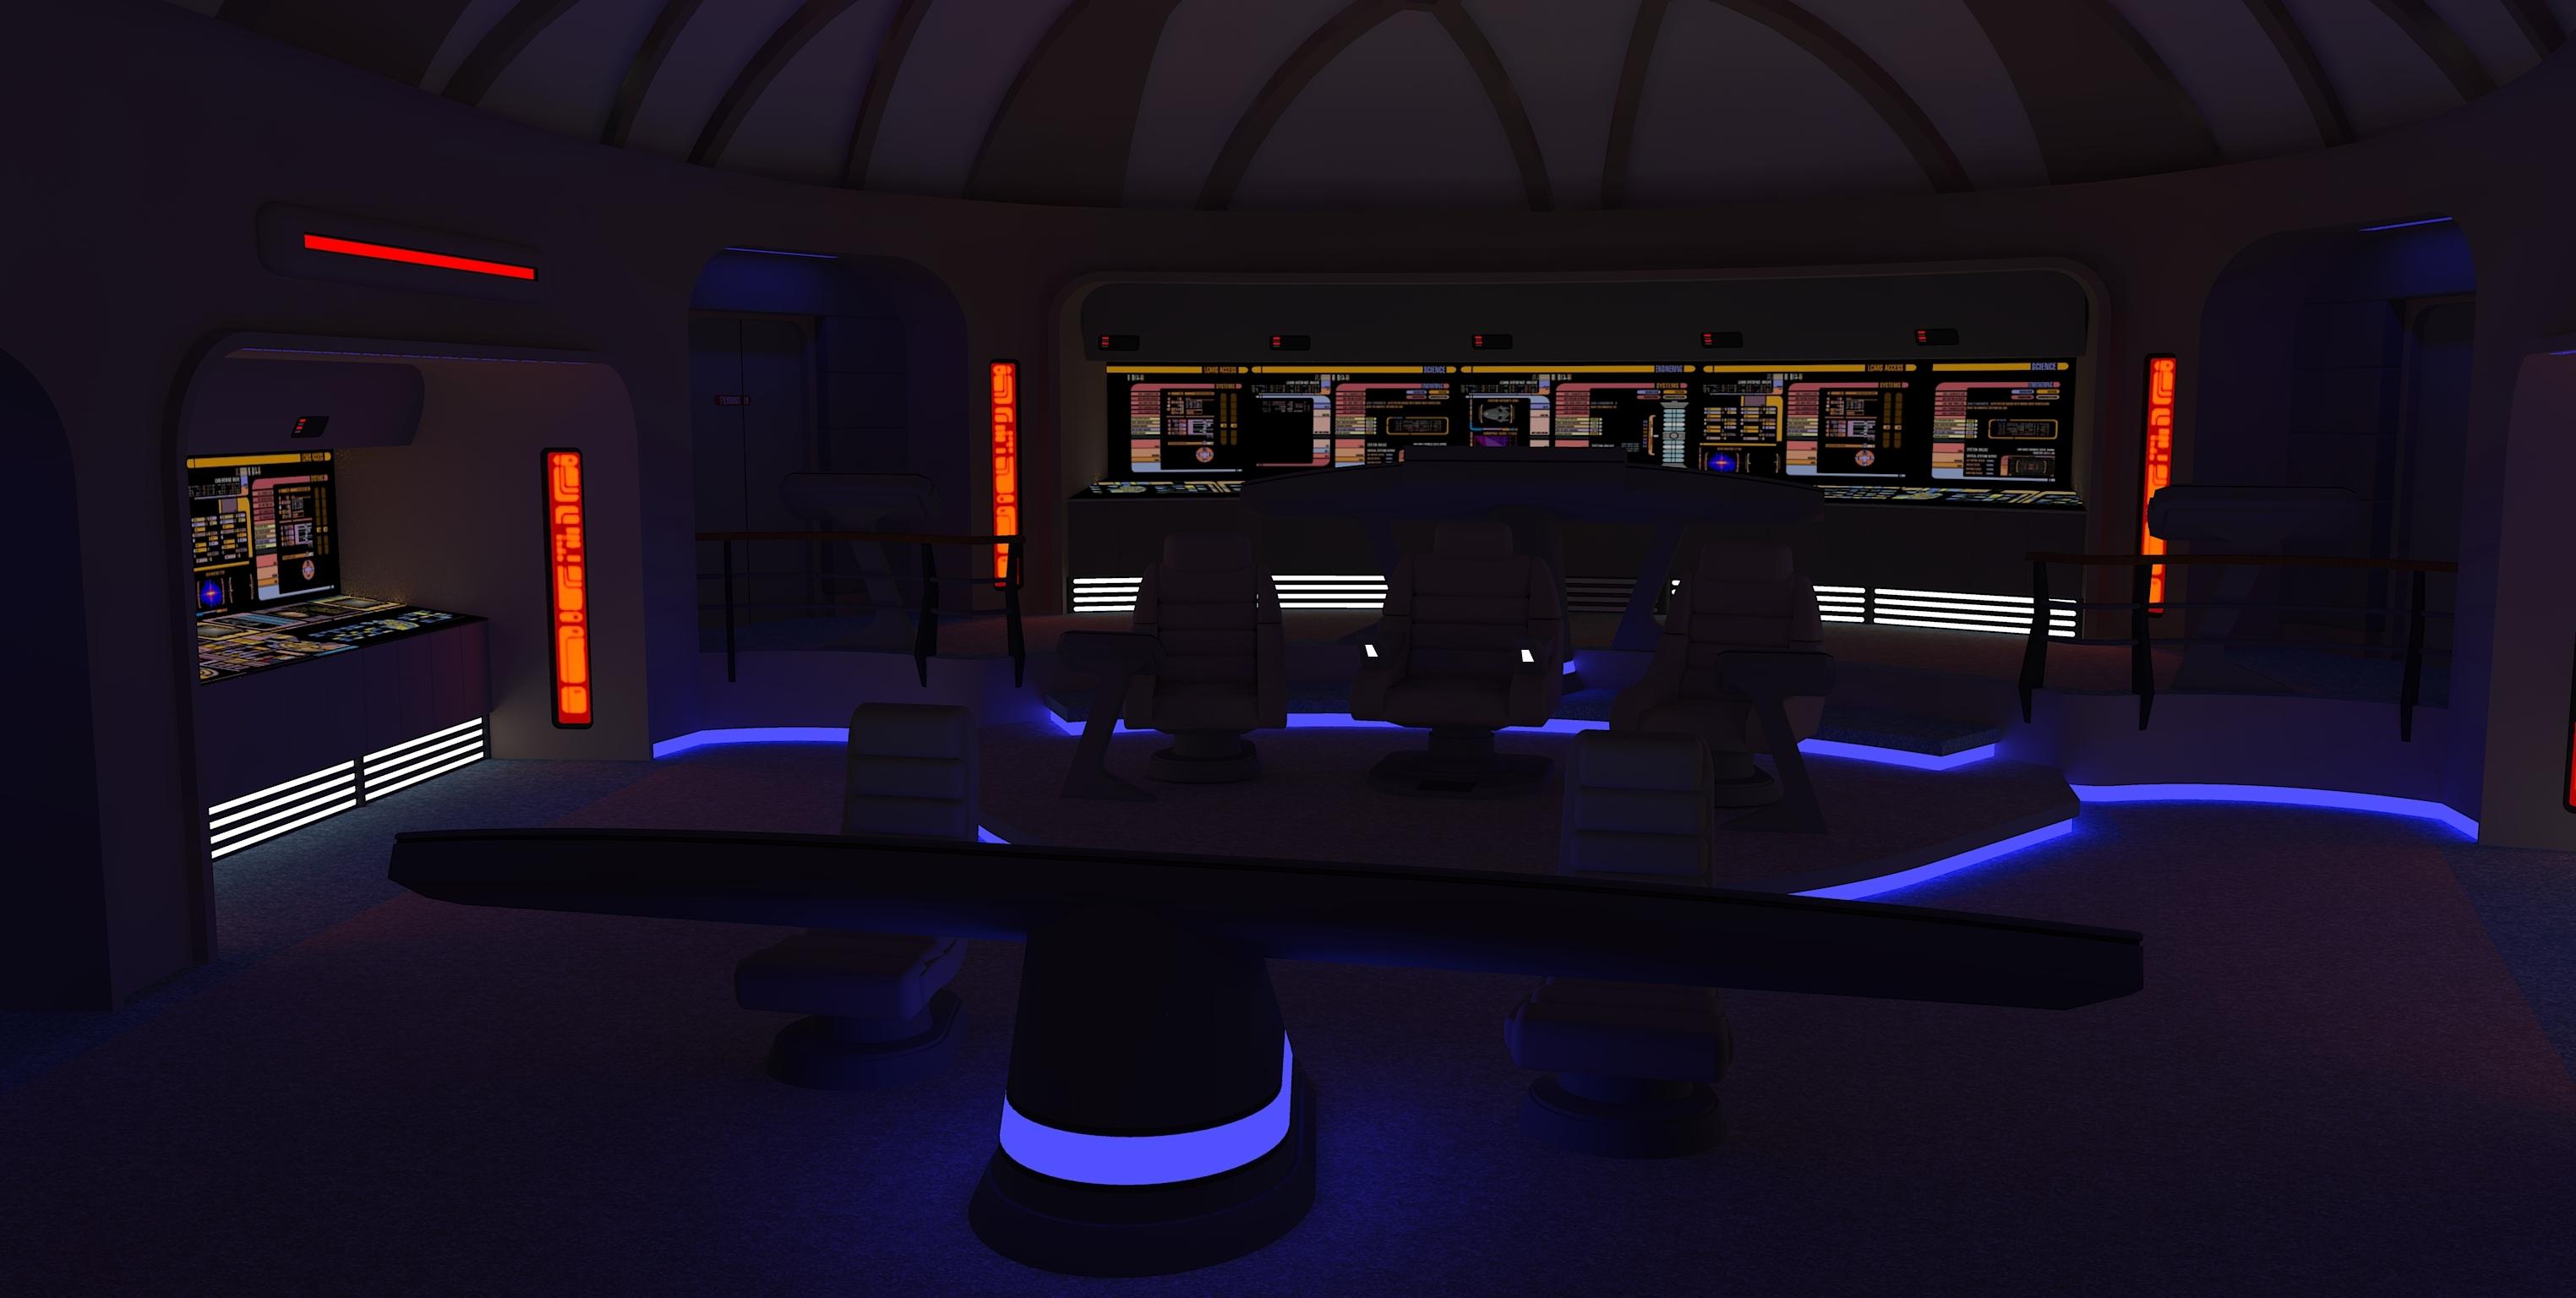 ... Star Trek Bridge Concept 1 Red alert by calamitySi & Star Trek Bridge Concept 1: Red alert by calamitySi on DeviantArt